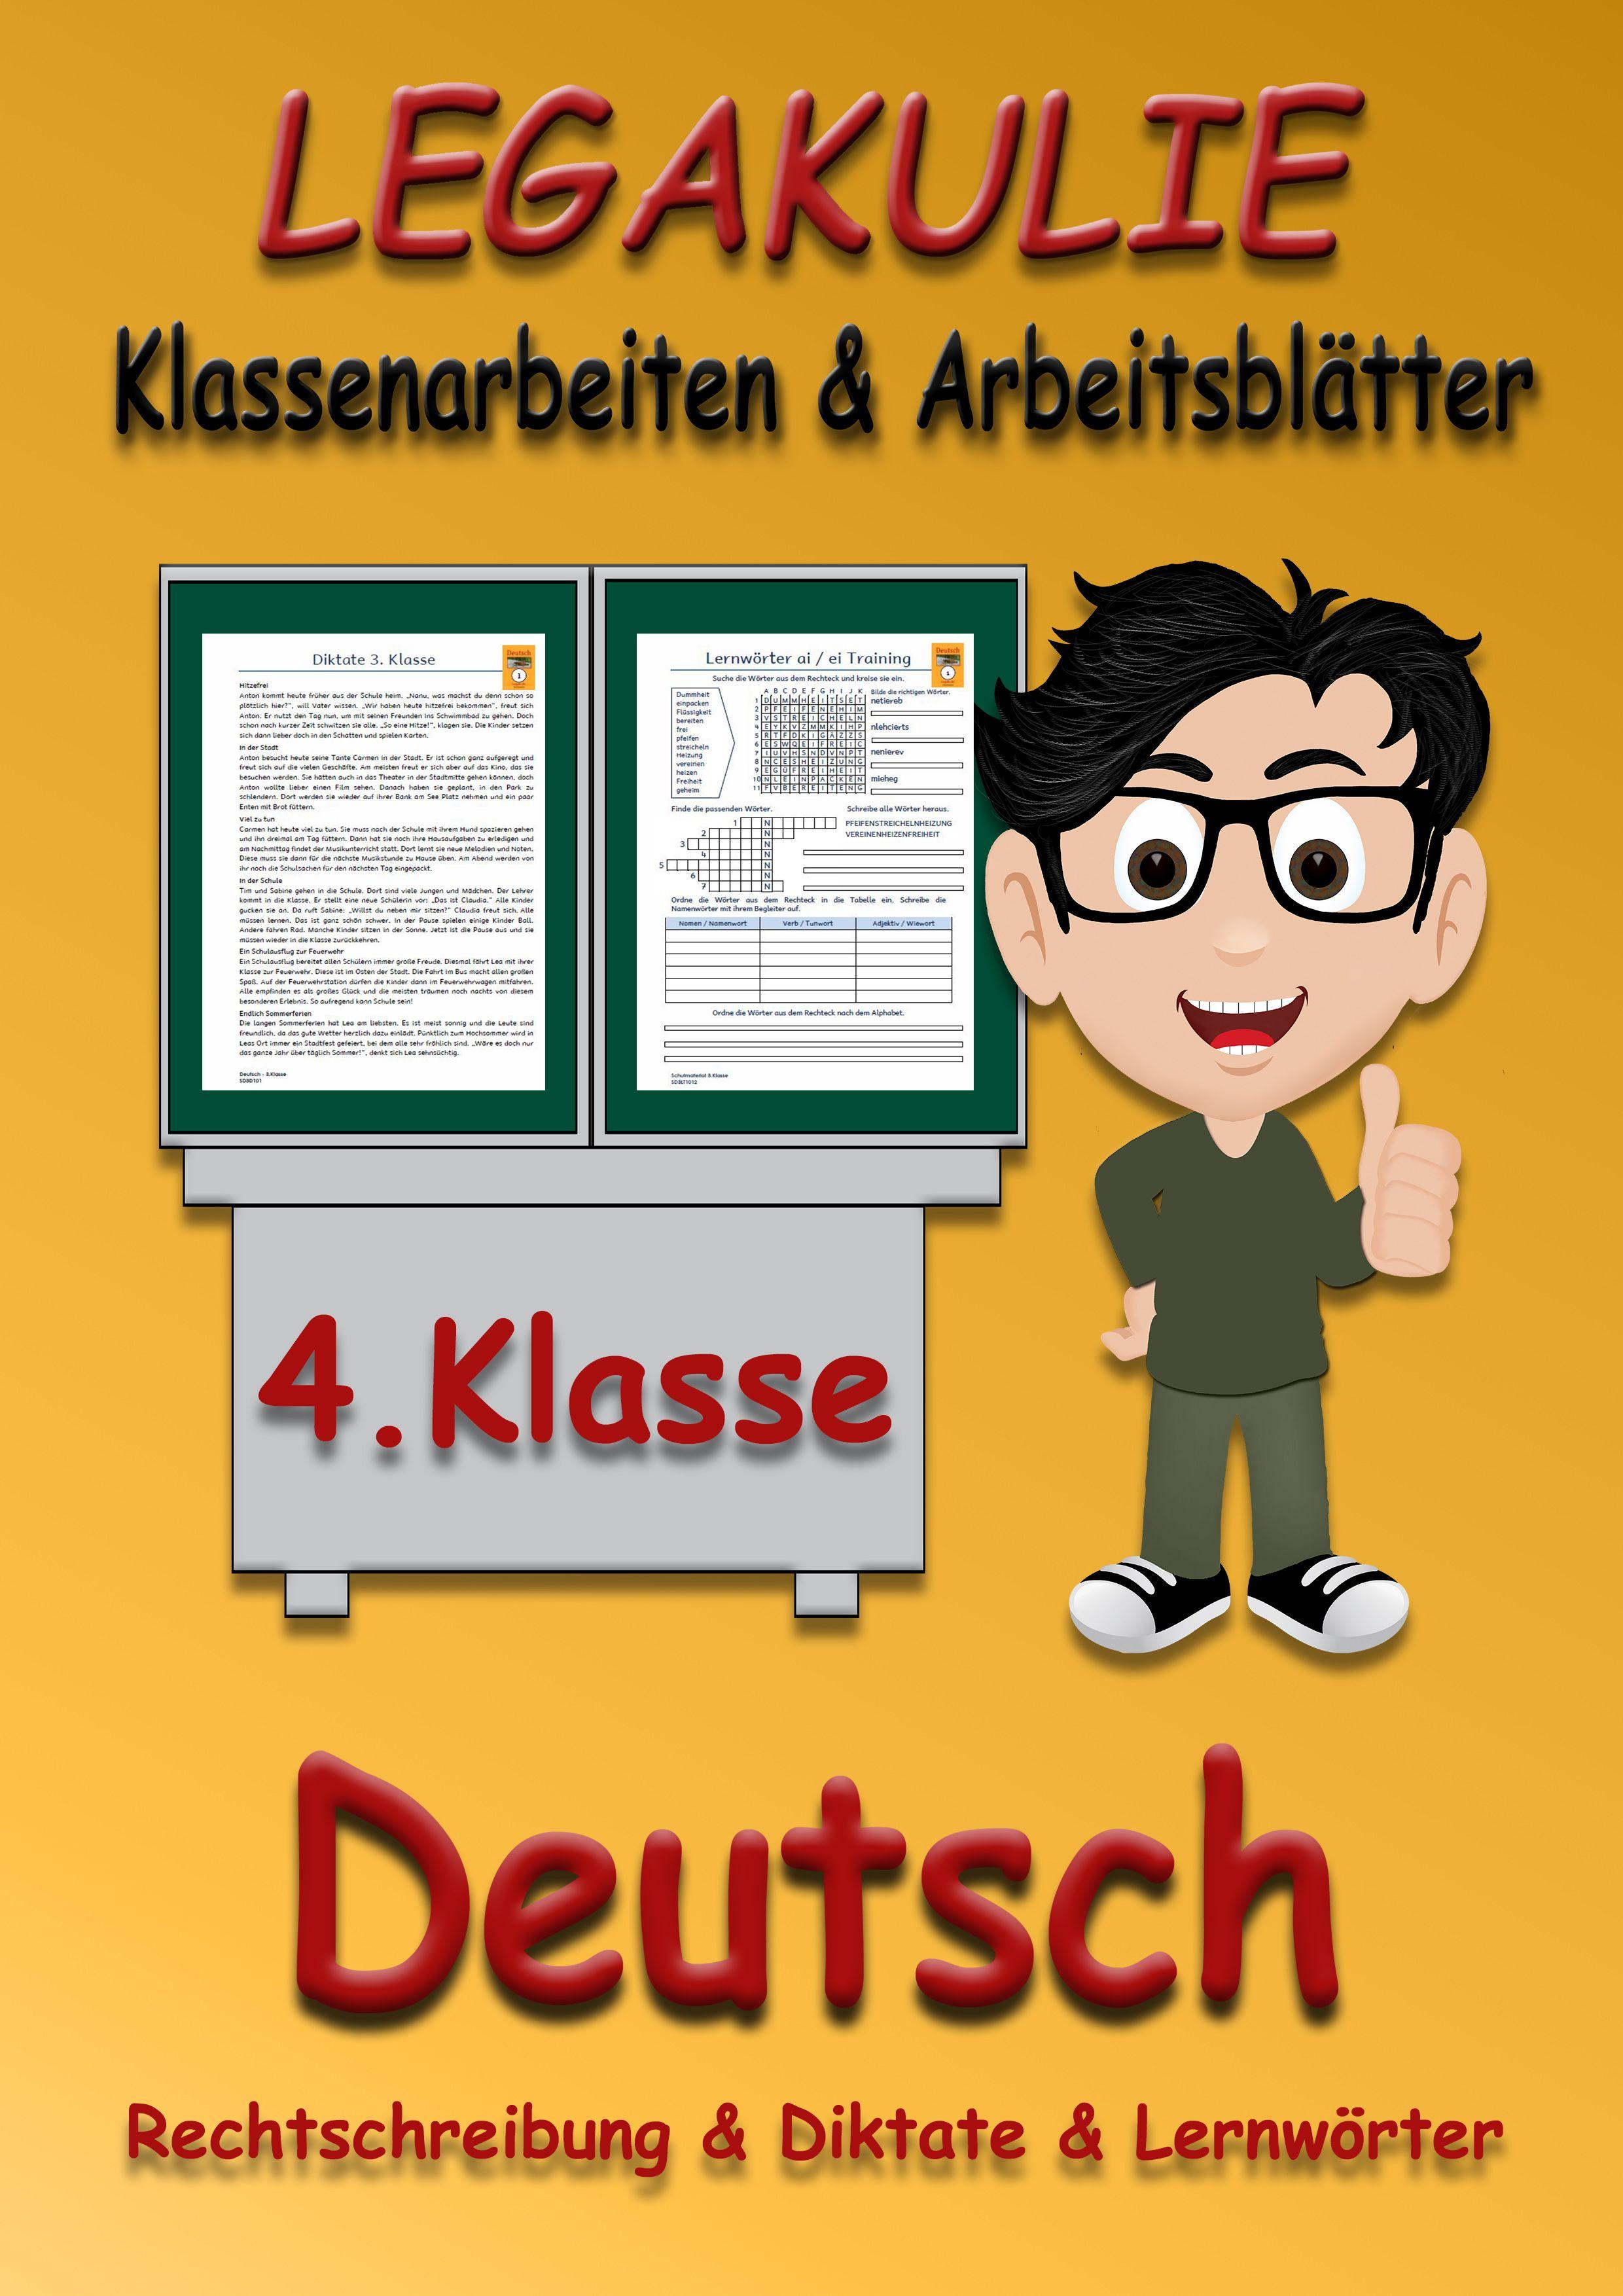 Deutsch #4Klasse #Arbeitsblatt #PDF Arbeitsblätter und Übungen für ...